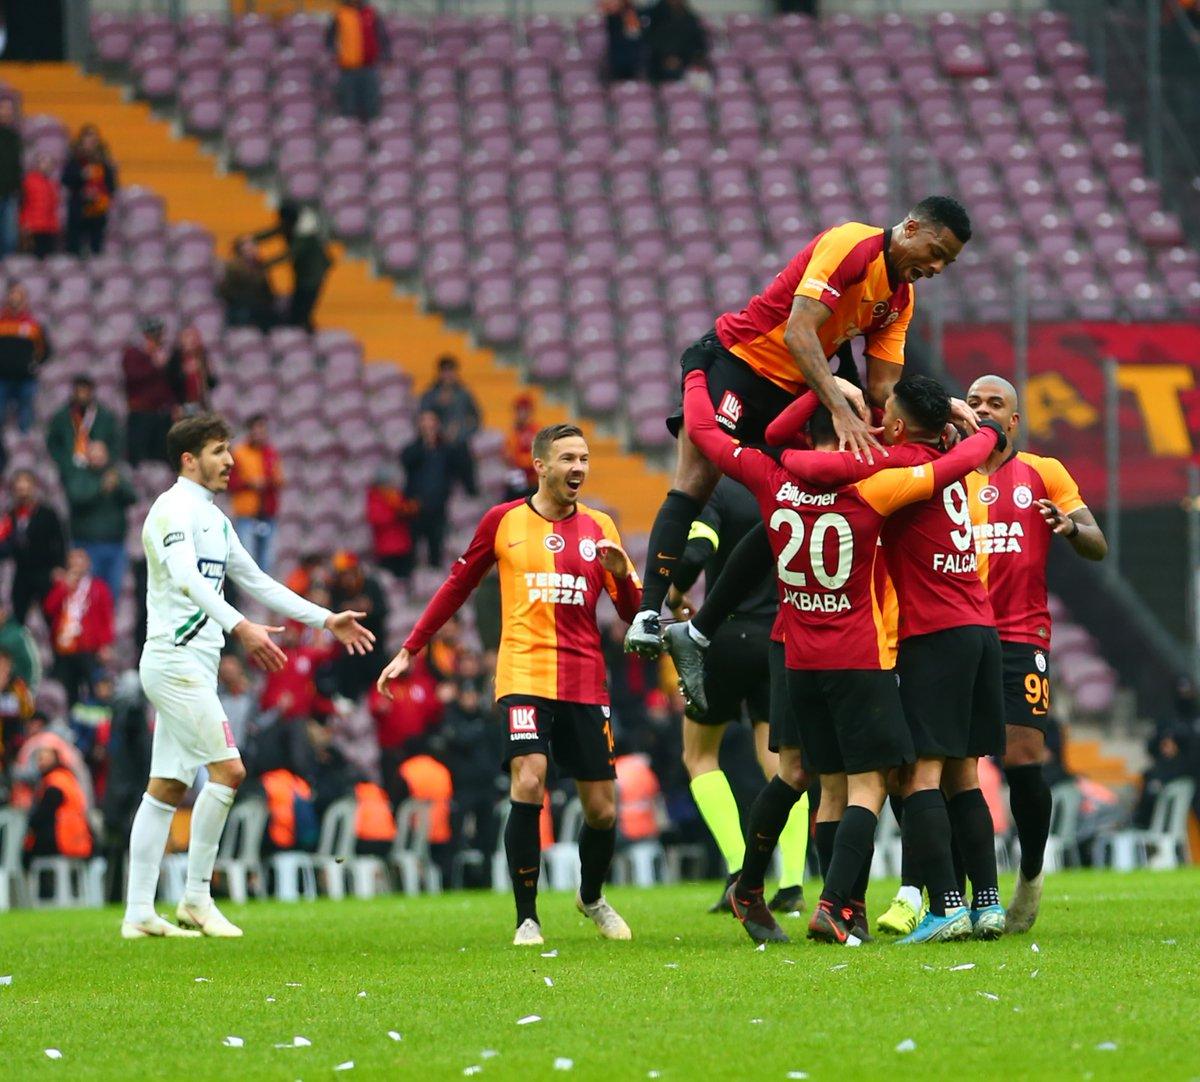 Günaydın #Galatasaray Ailesi